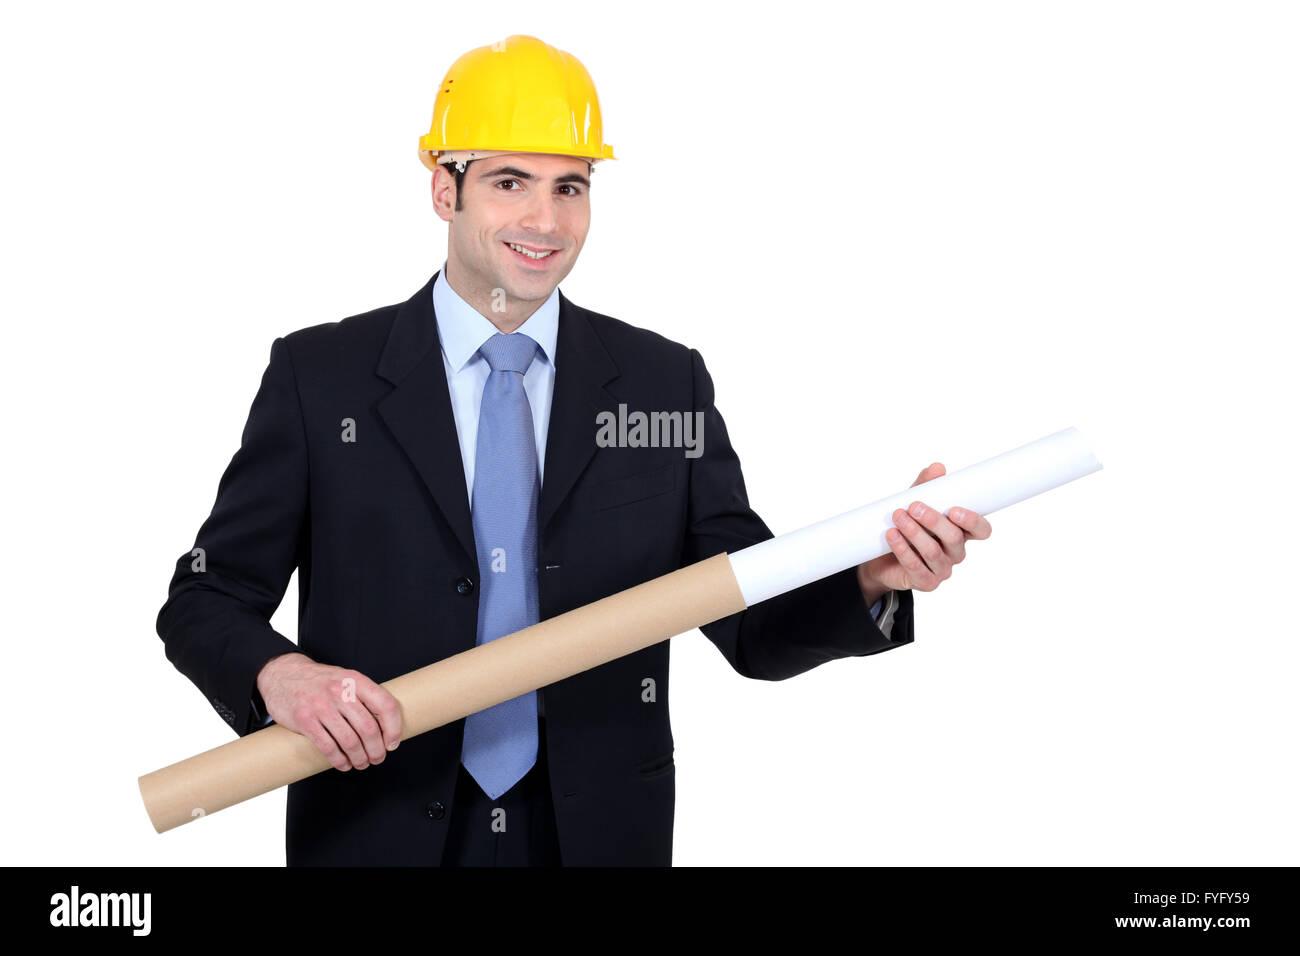 Ingenieur, ziehen eine technische Zeichnung des Gehäuses Stockbild